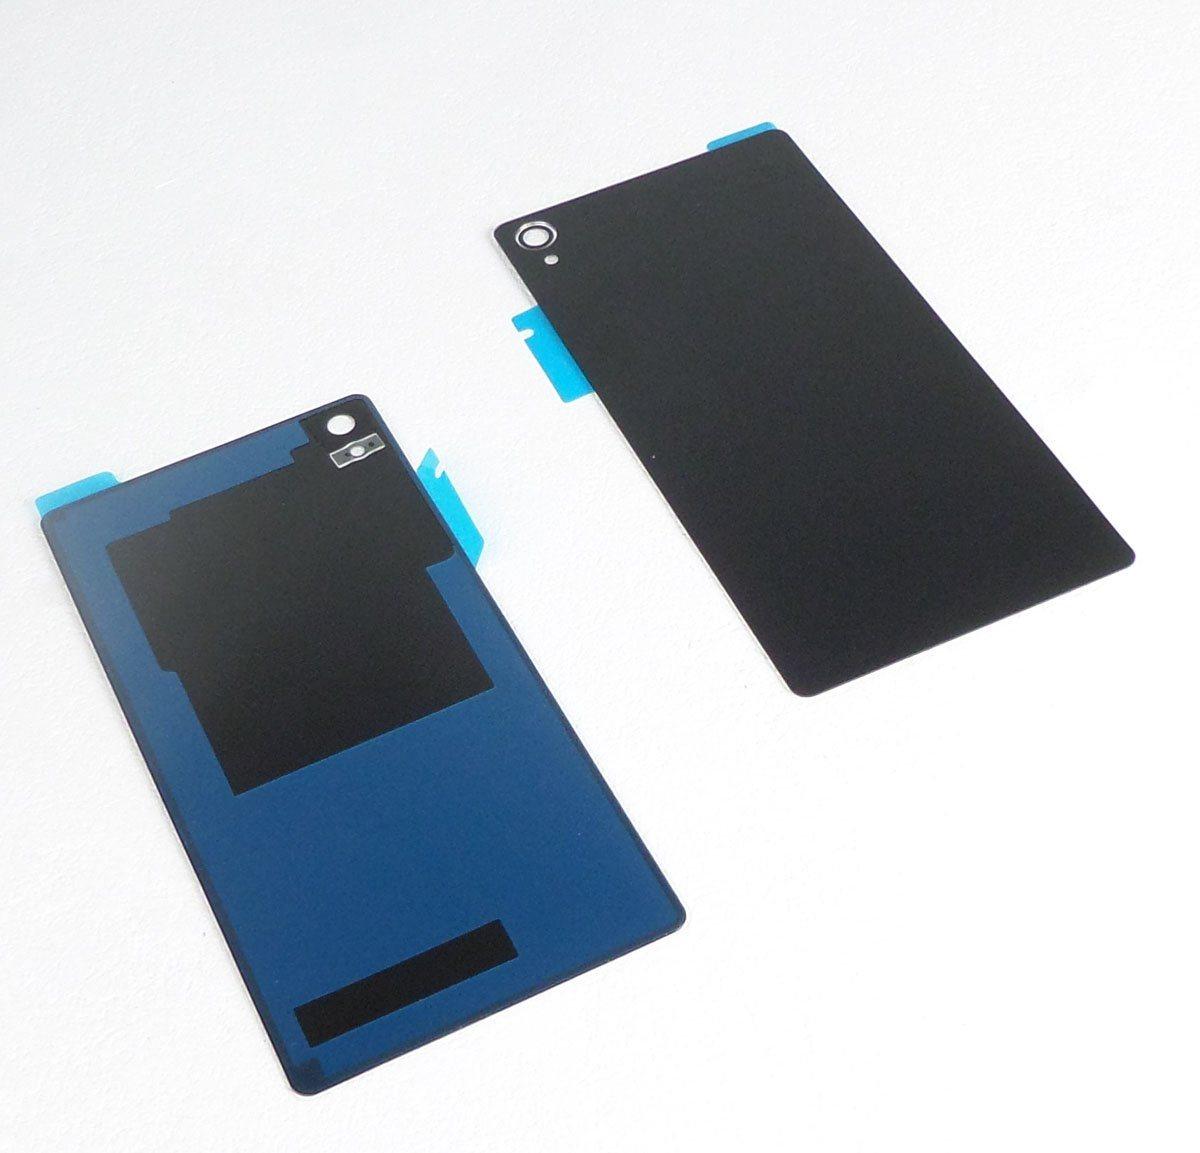 Vitre arrière noire compatible Sony Xperia Z3 L55t D6603,D6633,D6643,D6653,D6616